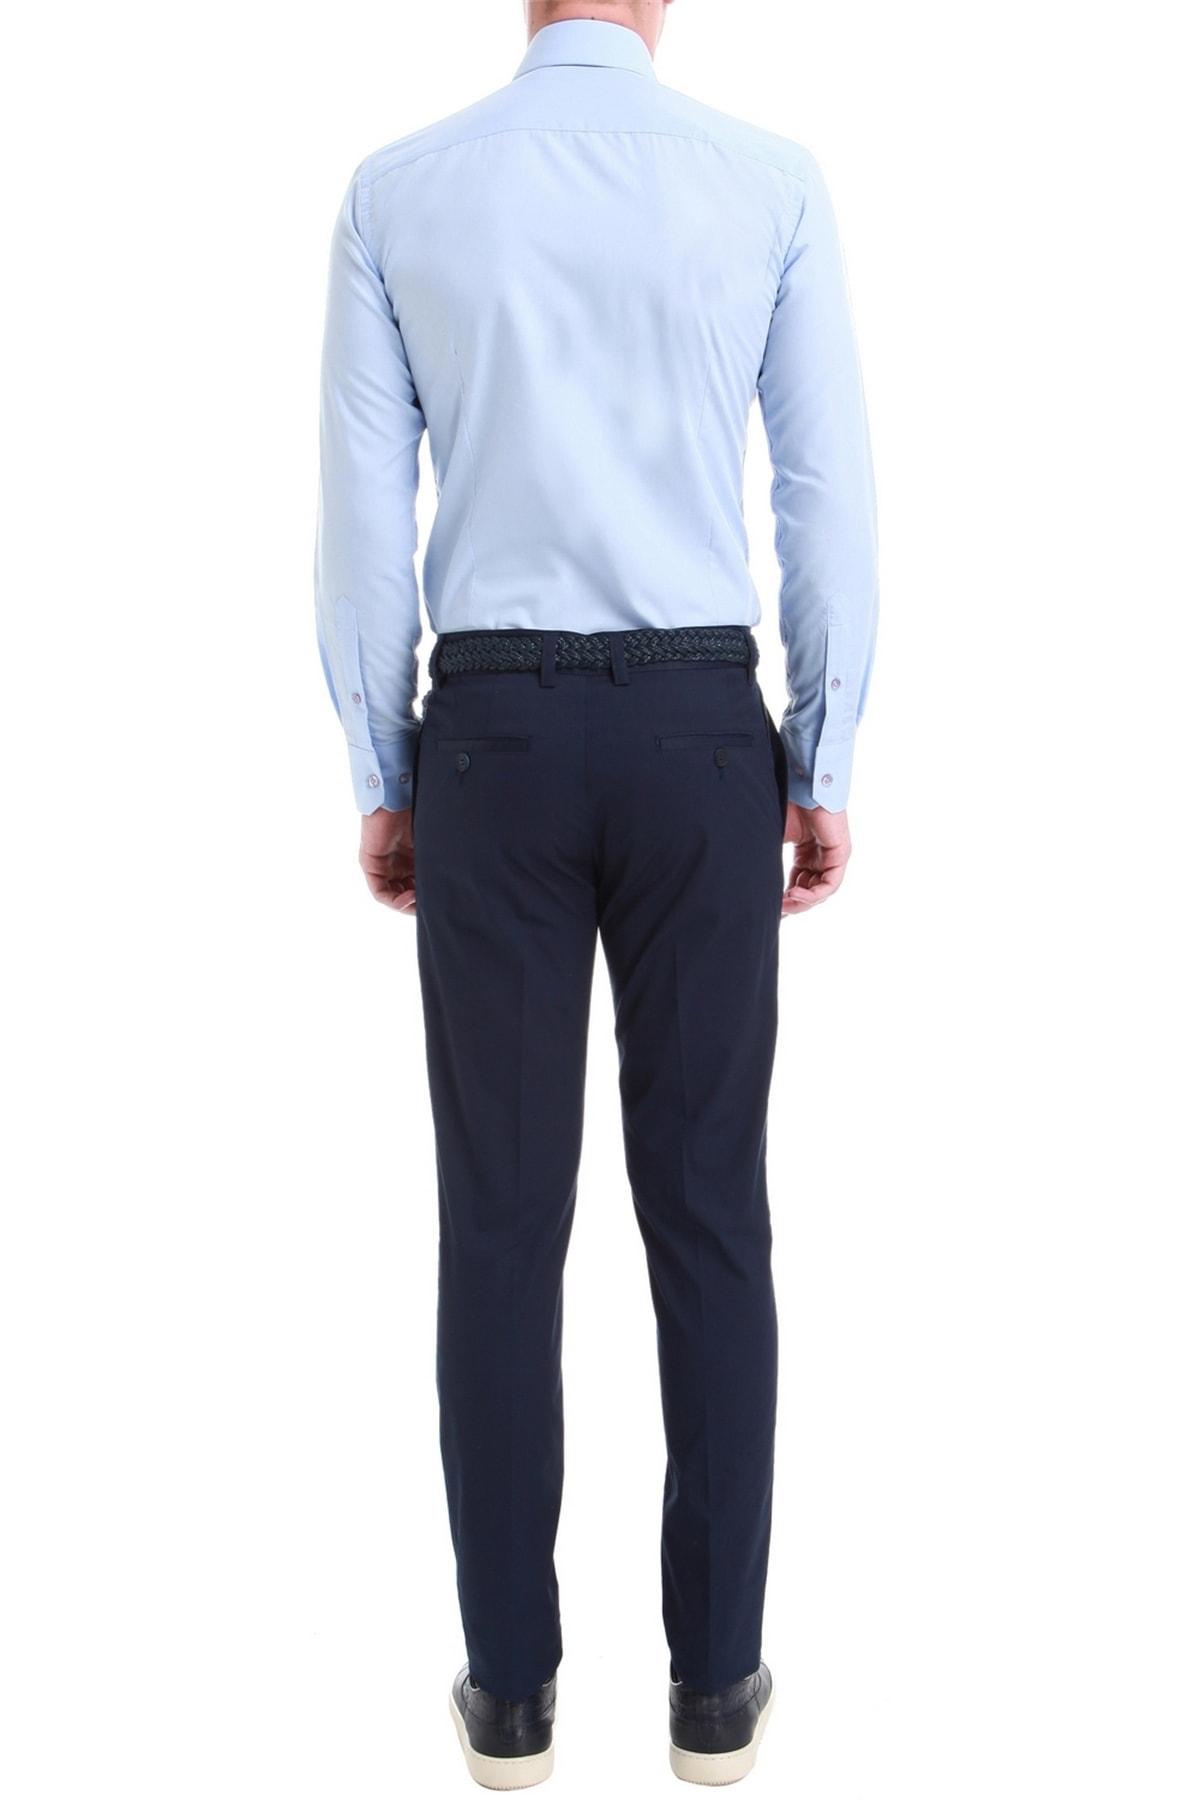 Efor P 1058 Slim Fit Lacivert Spor Pantolon 2